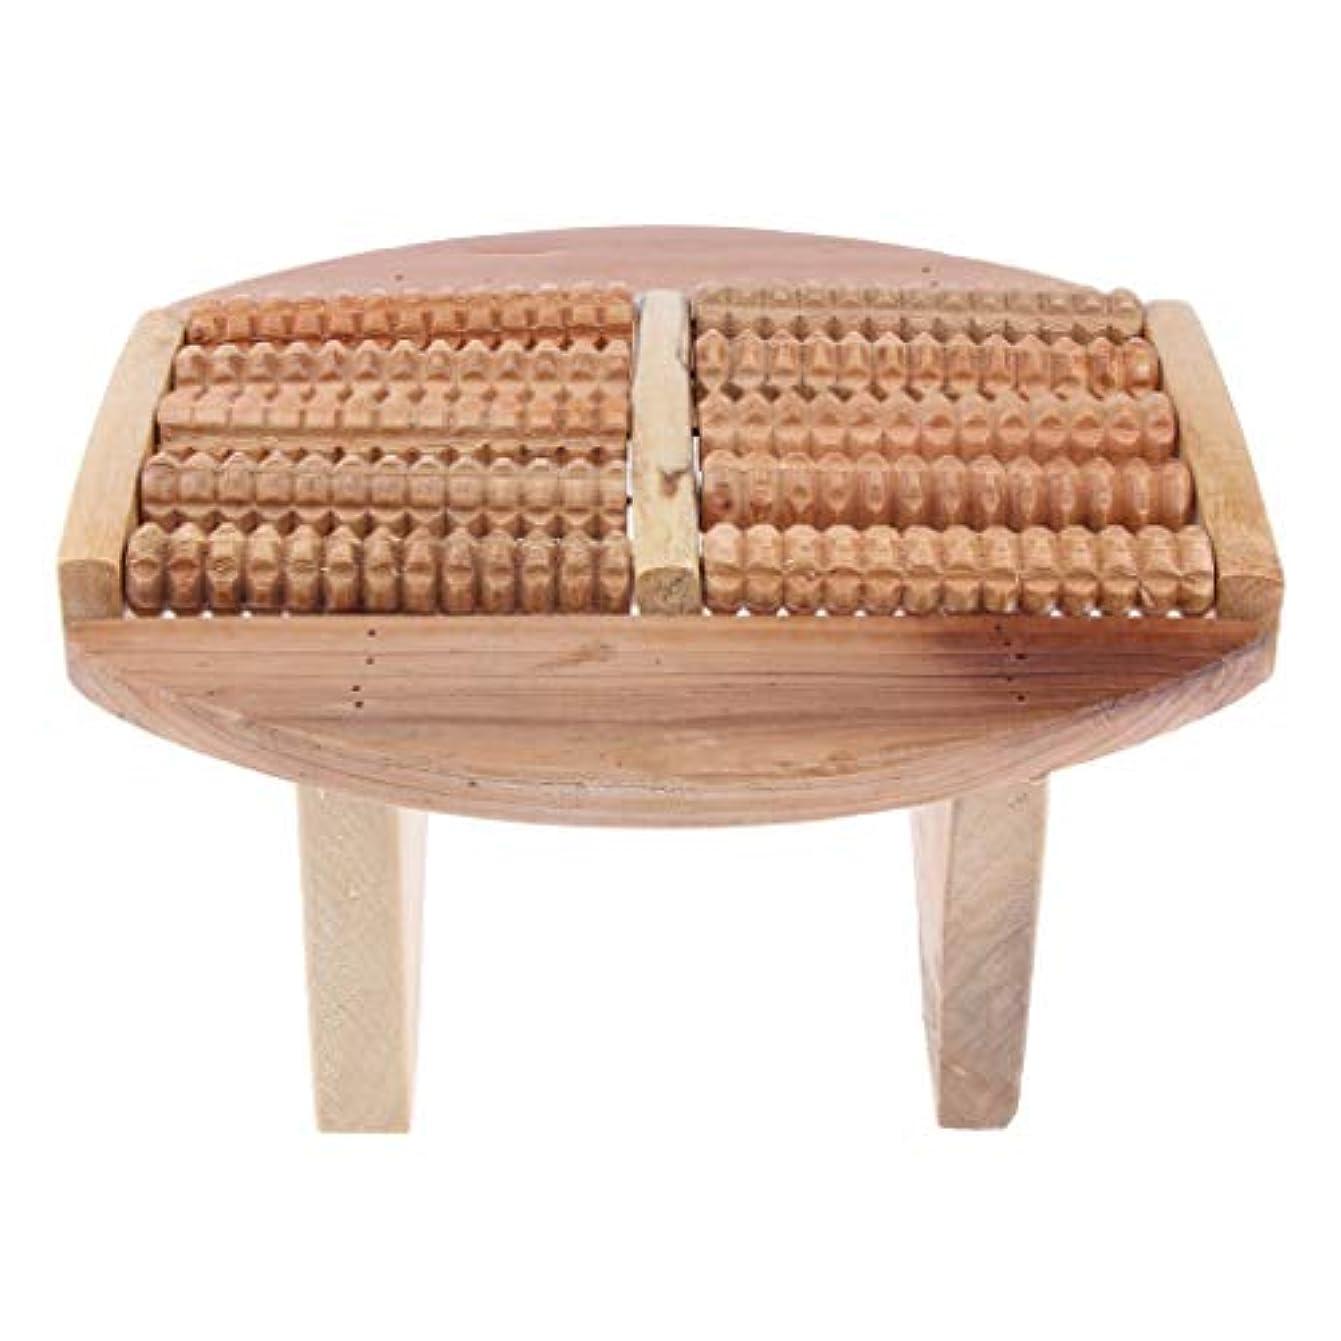 長椅子初期の円形フットマッサージスツール 多機能デザイン 足のマッサージ SPA バレル マッサージローラー